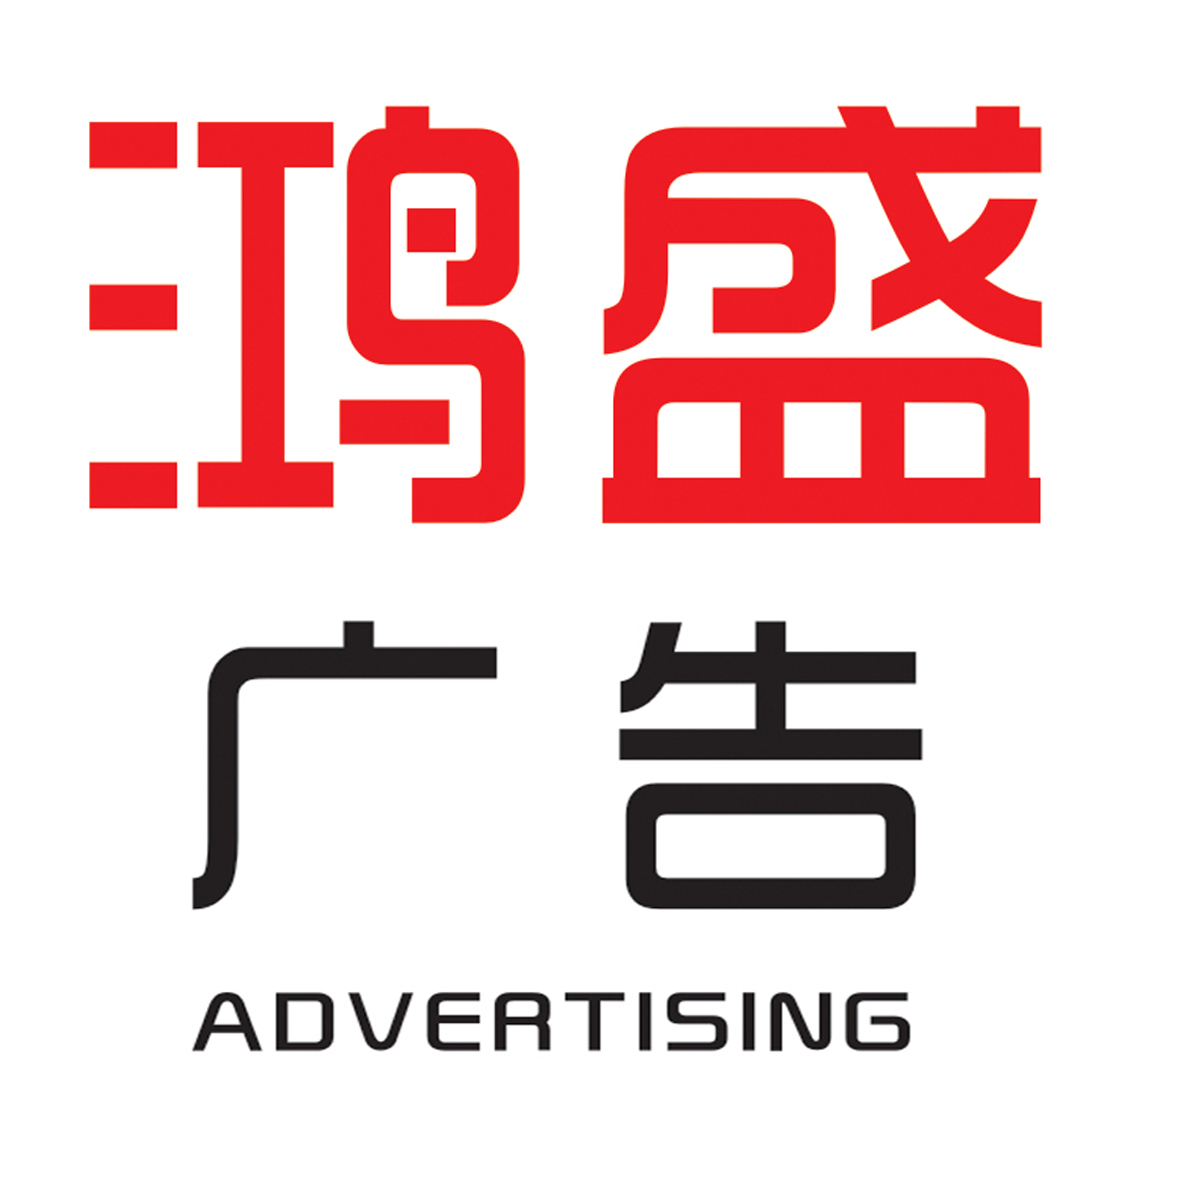 鴻盛廣告有限公司需要做廣告的請聯系